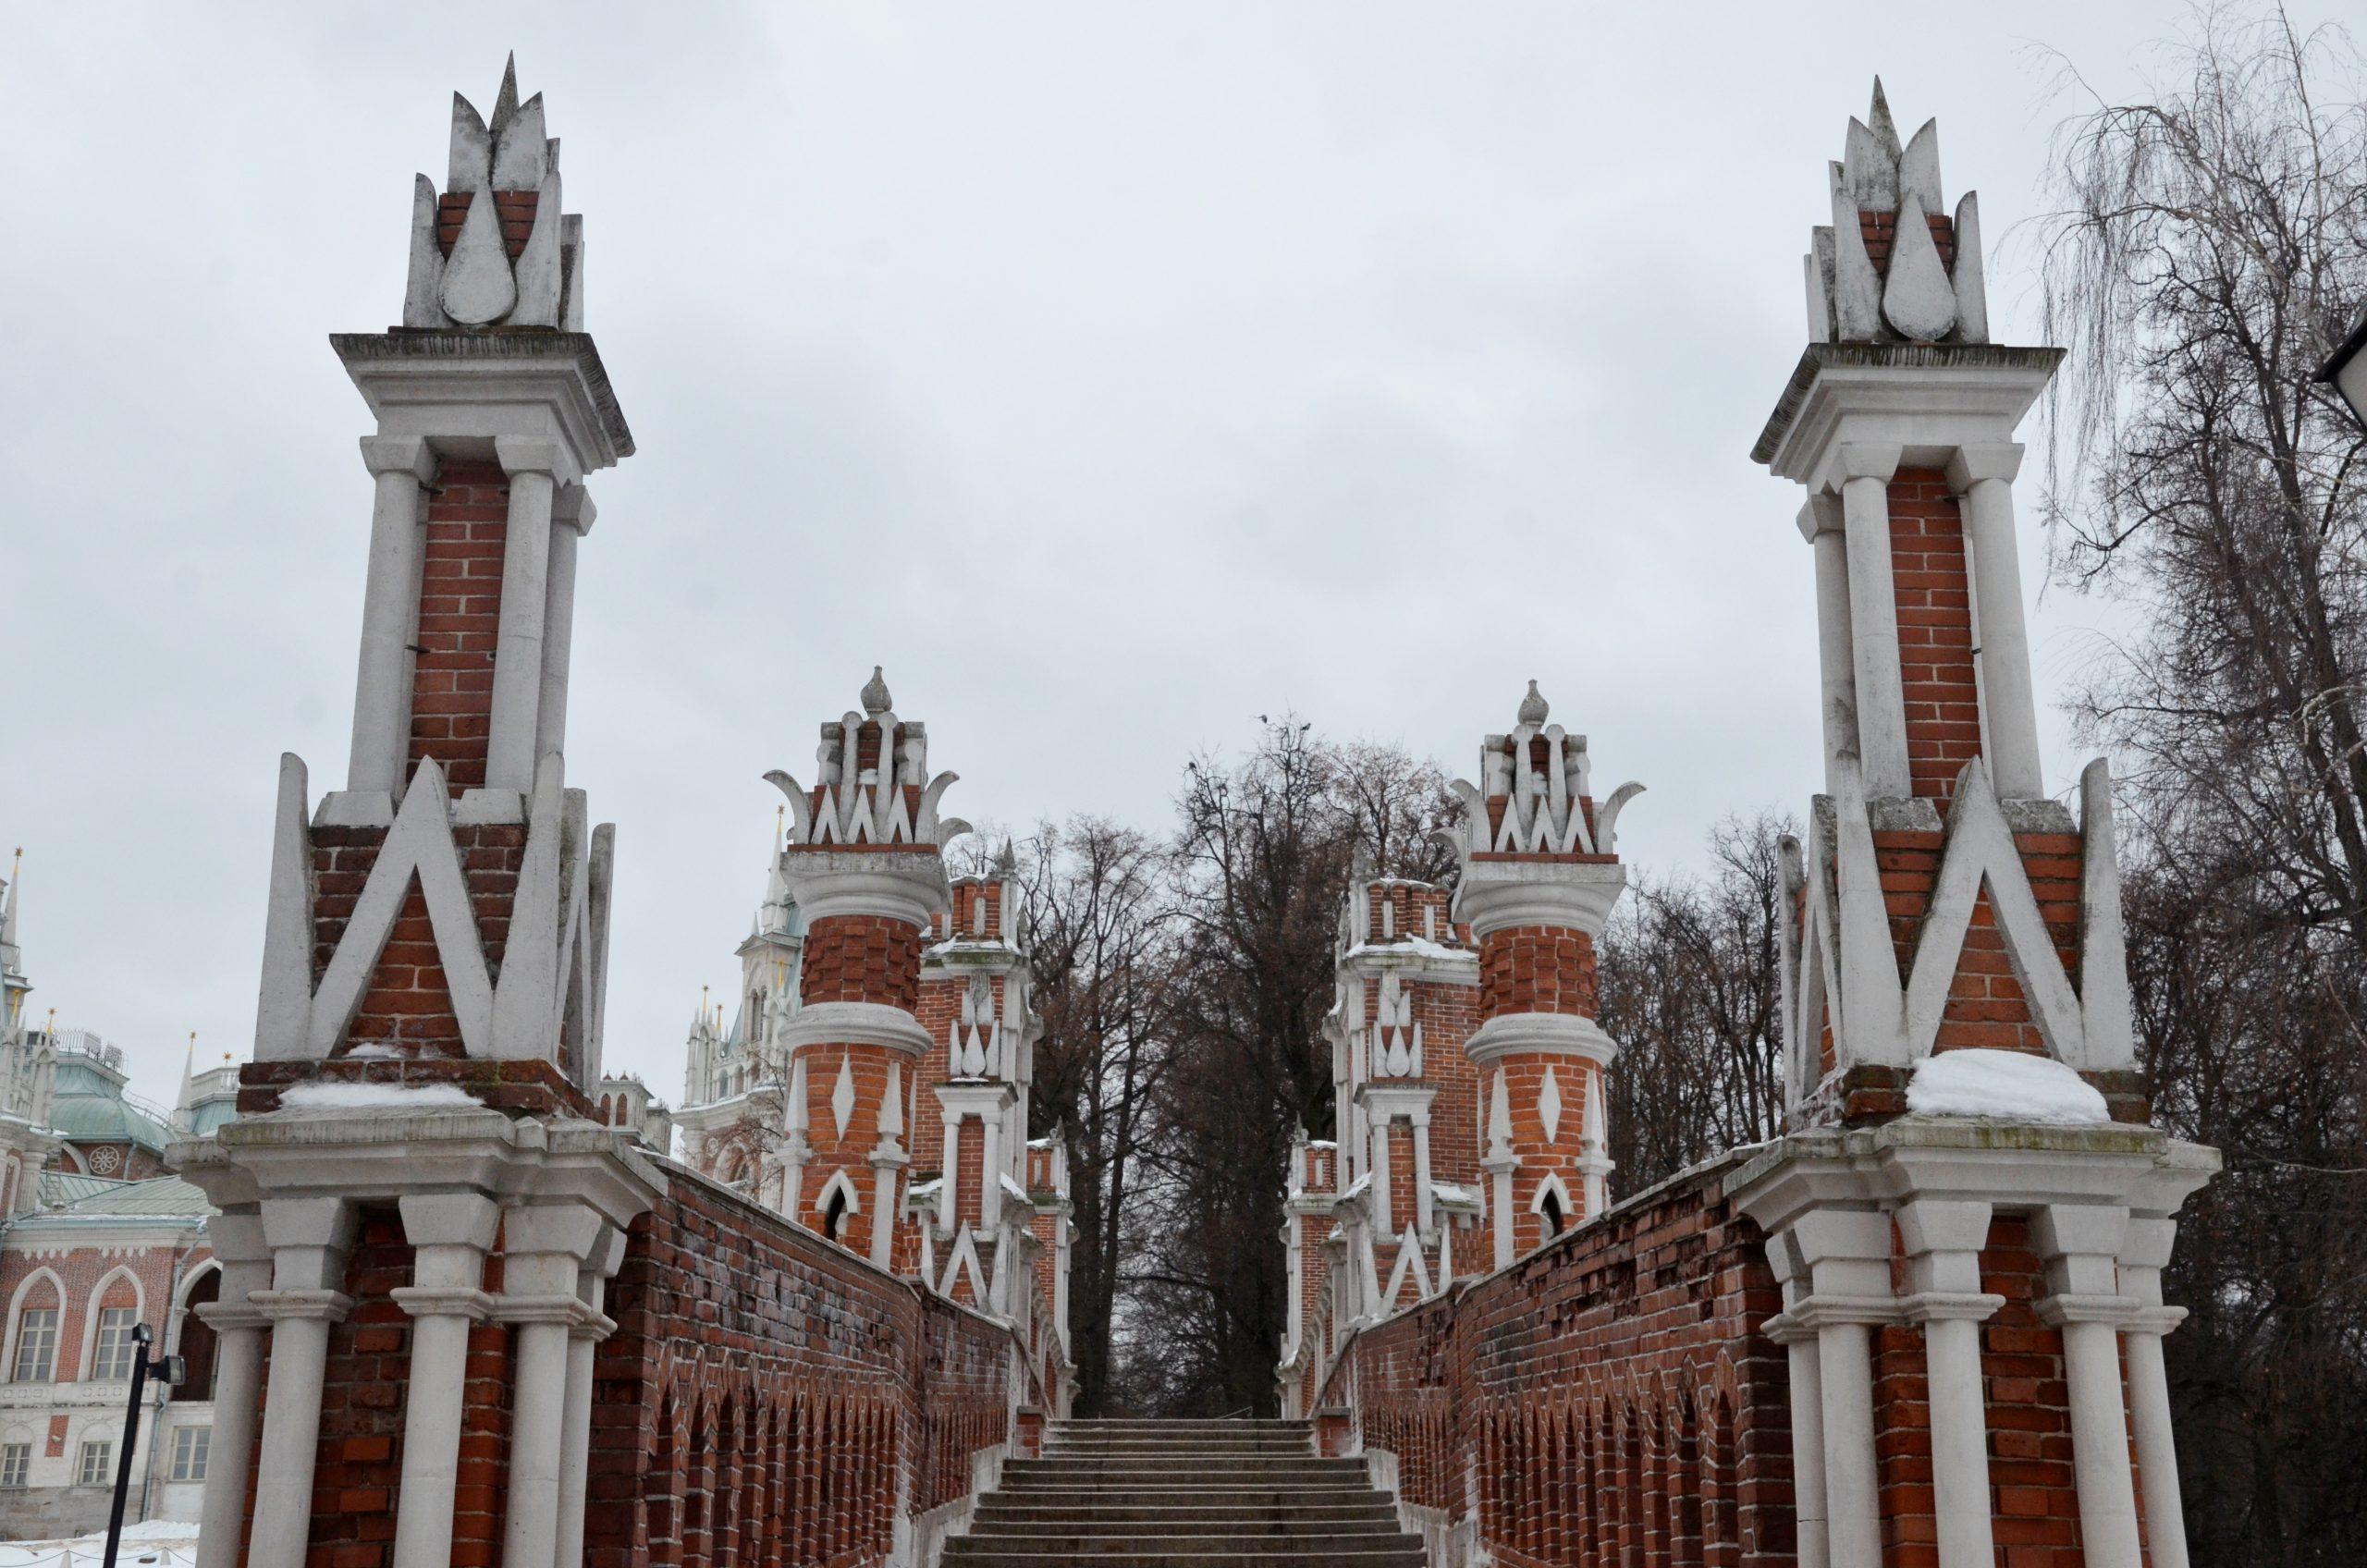 Москвичам рассказали интересные факты о музее-заповеднике «Царицыно». Фото: Анна Быкова